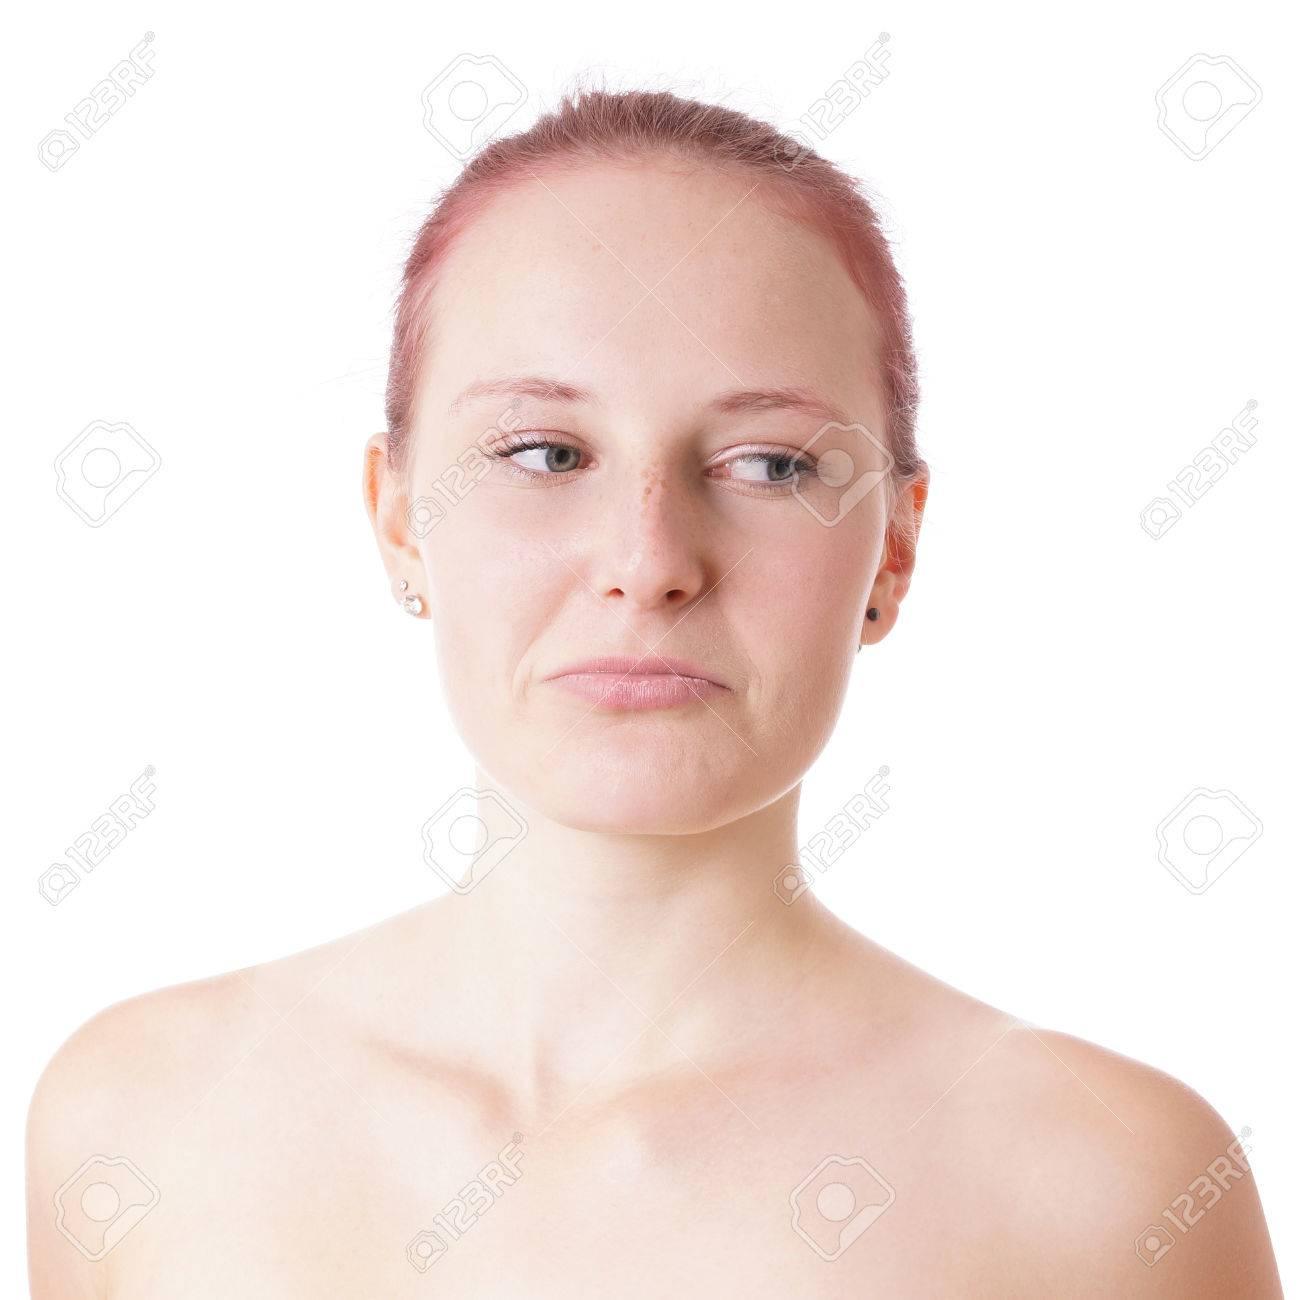 Beauiful Gefuhl Der Jungen Frau Emotional Und Ein Trauriges Gesicht